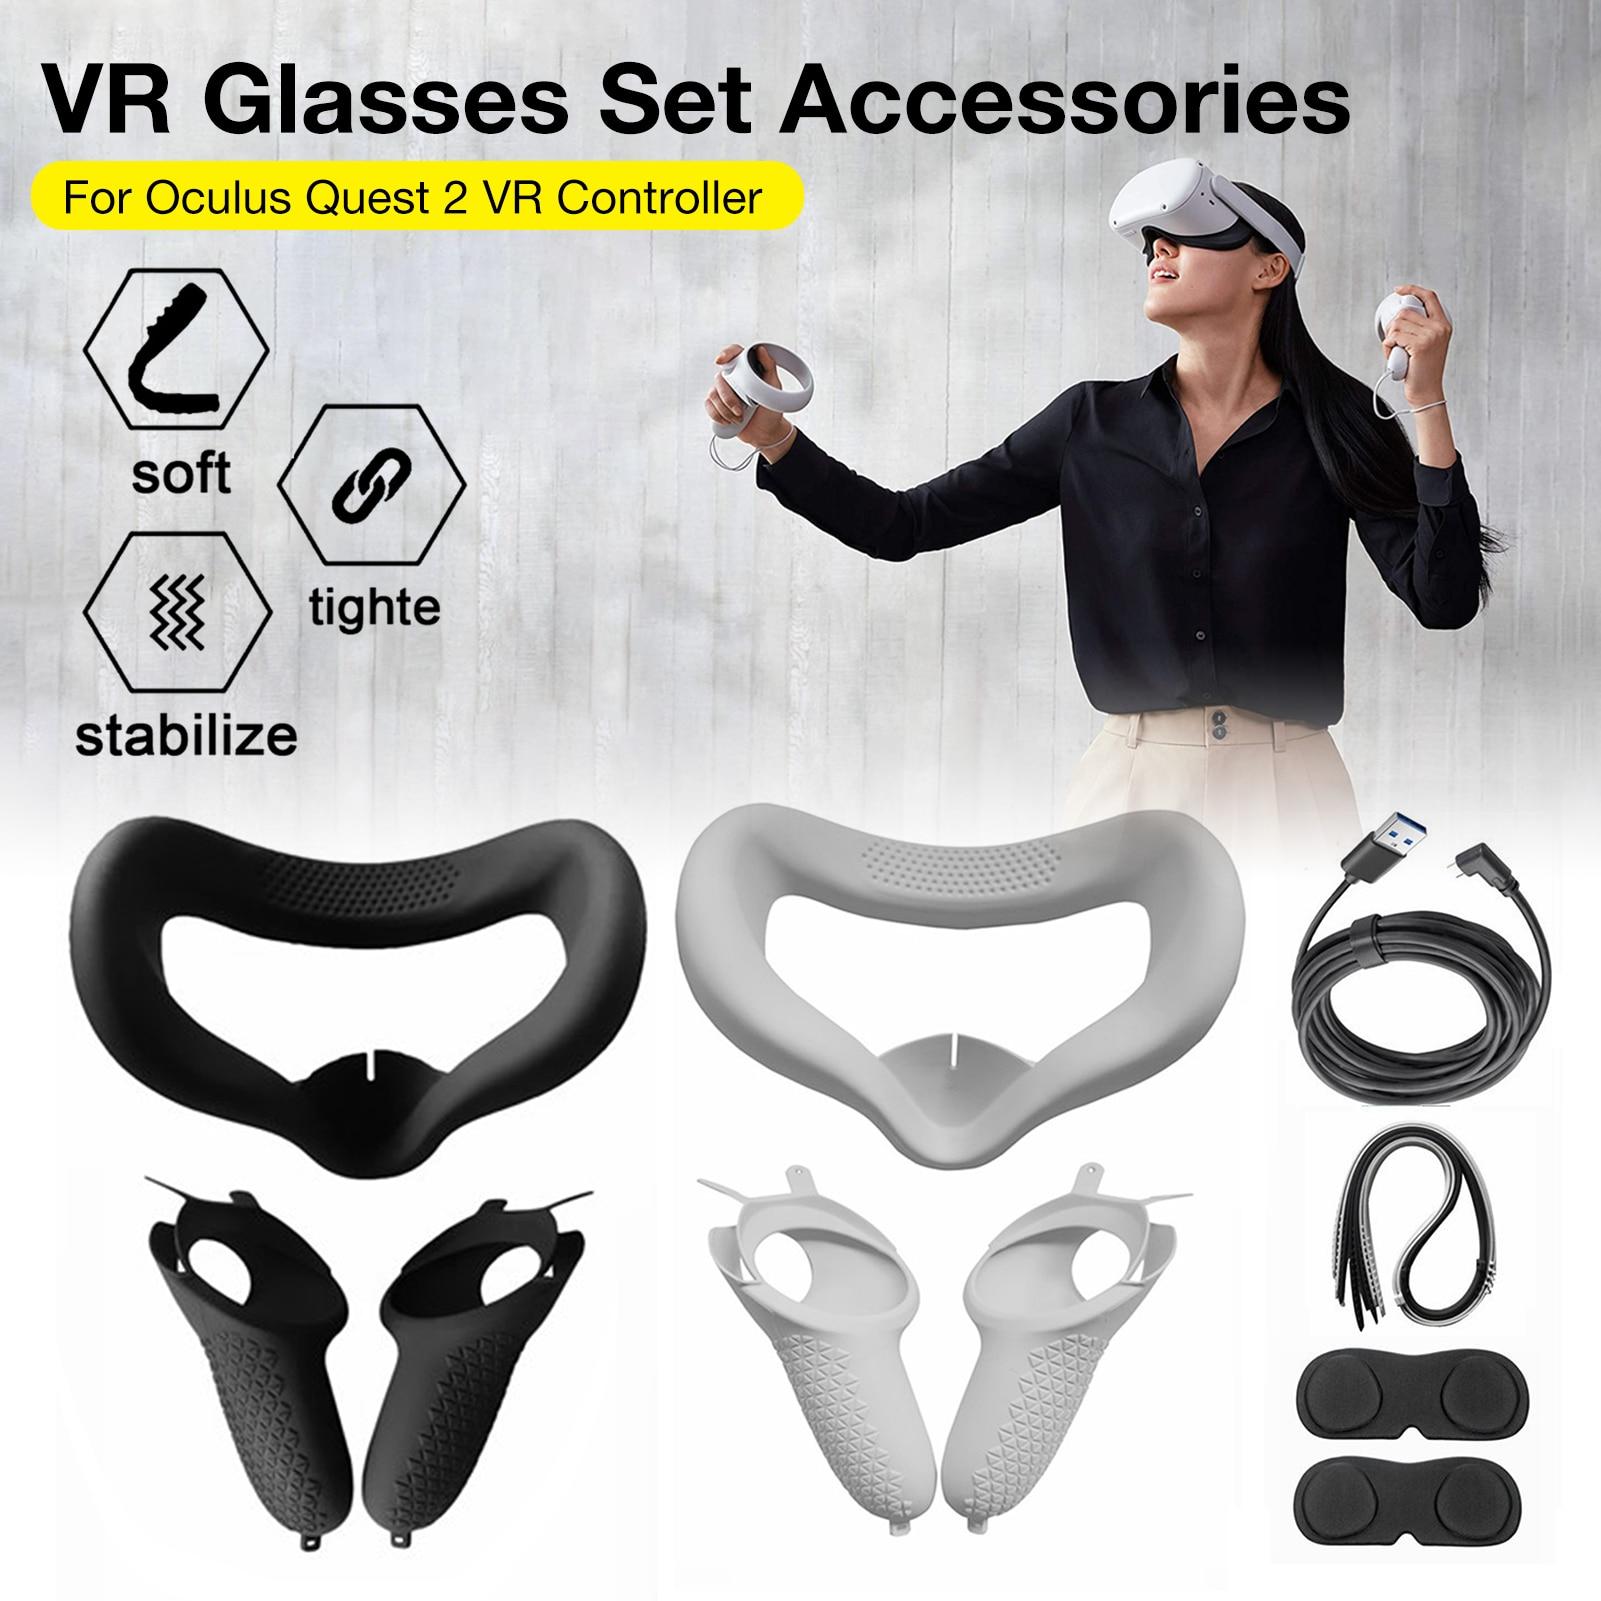 Комплект аксессуаров VR, защитный чехол для сенсорного контроллера Oculus Quest 2 VR с кабельными костяшками, ремешком и рукояткой для Oculus вопросы 2